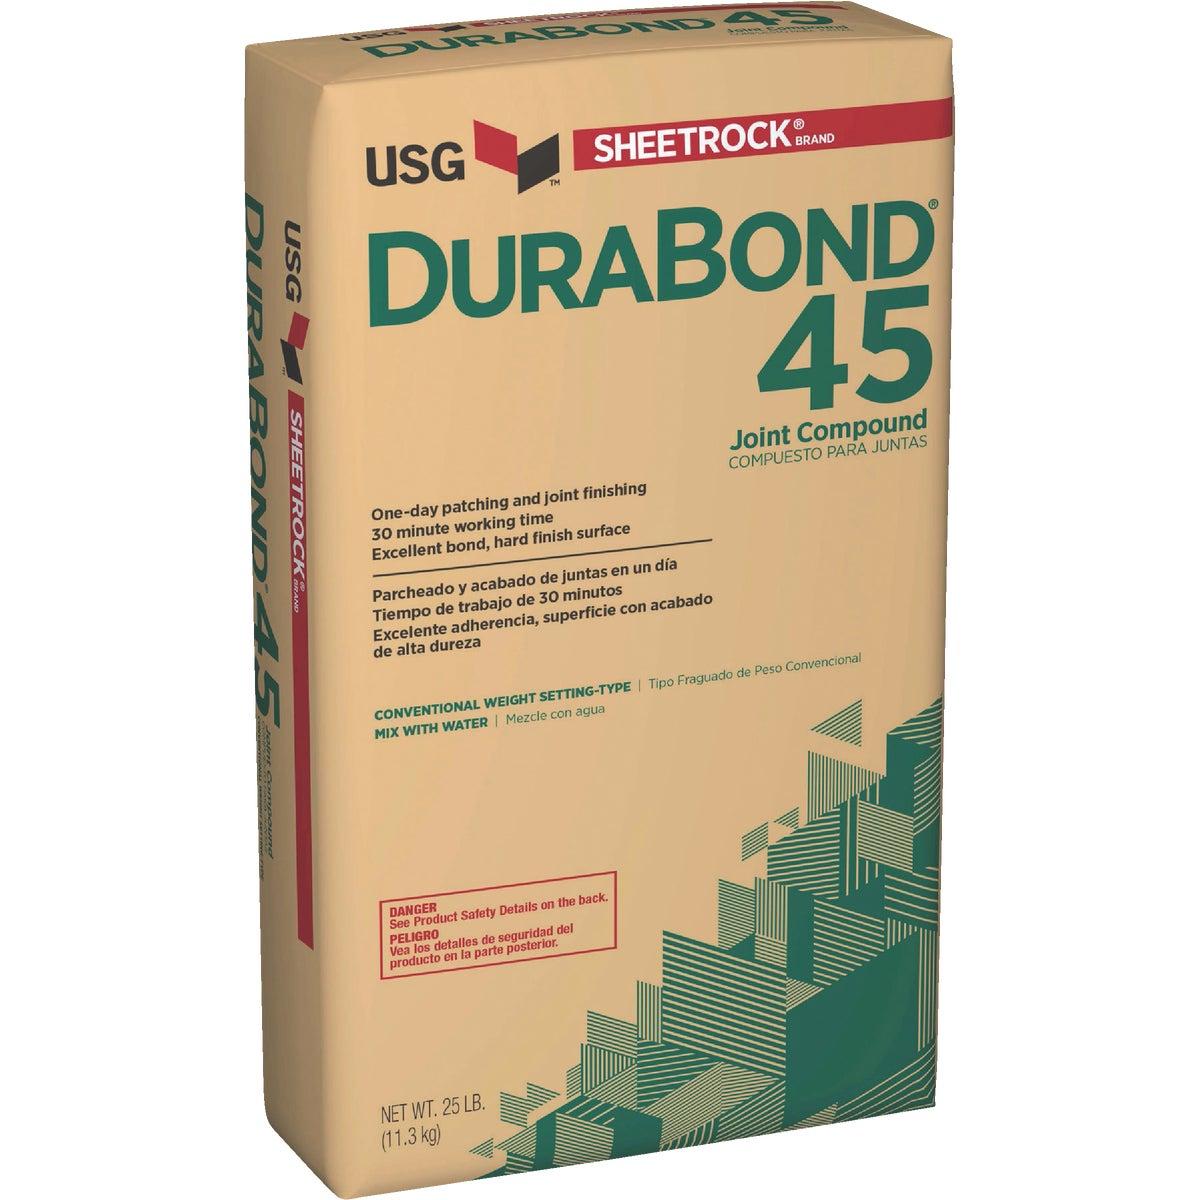 25LB DURABOND45 COMPOUND